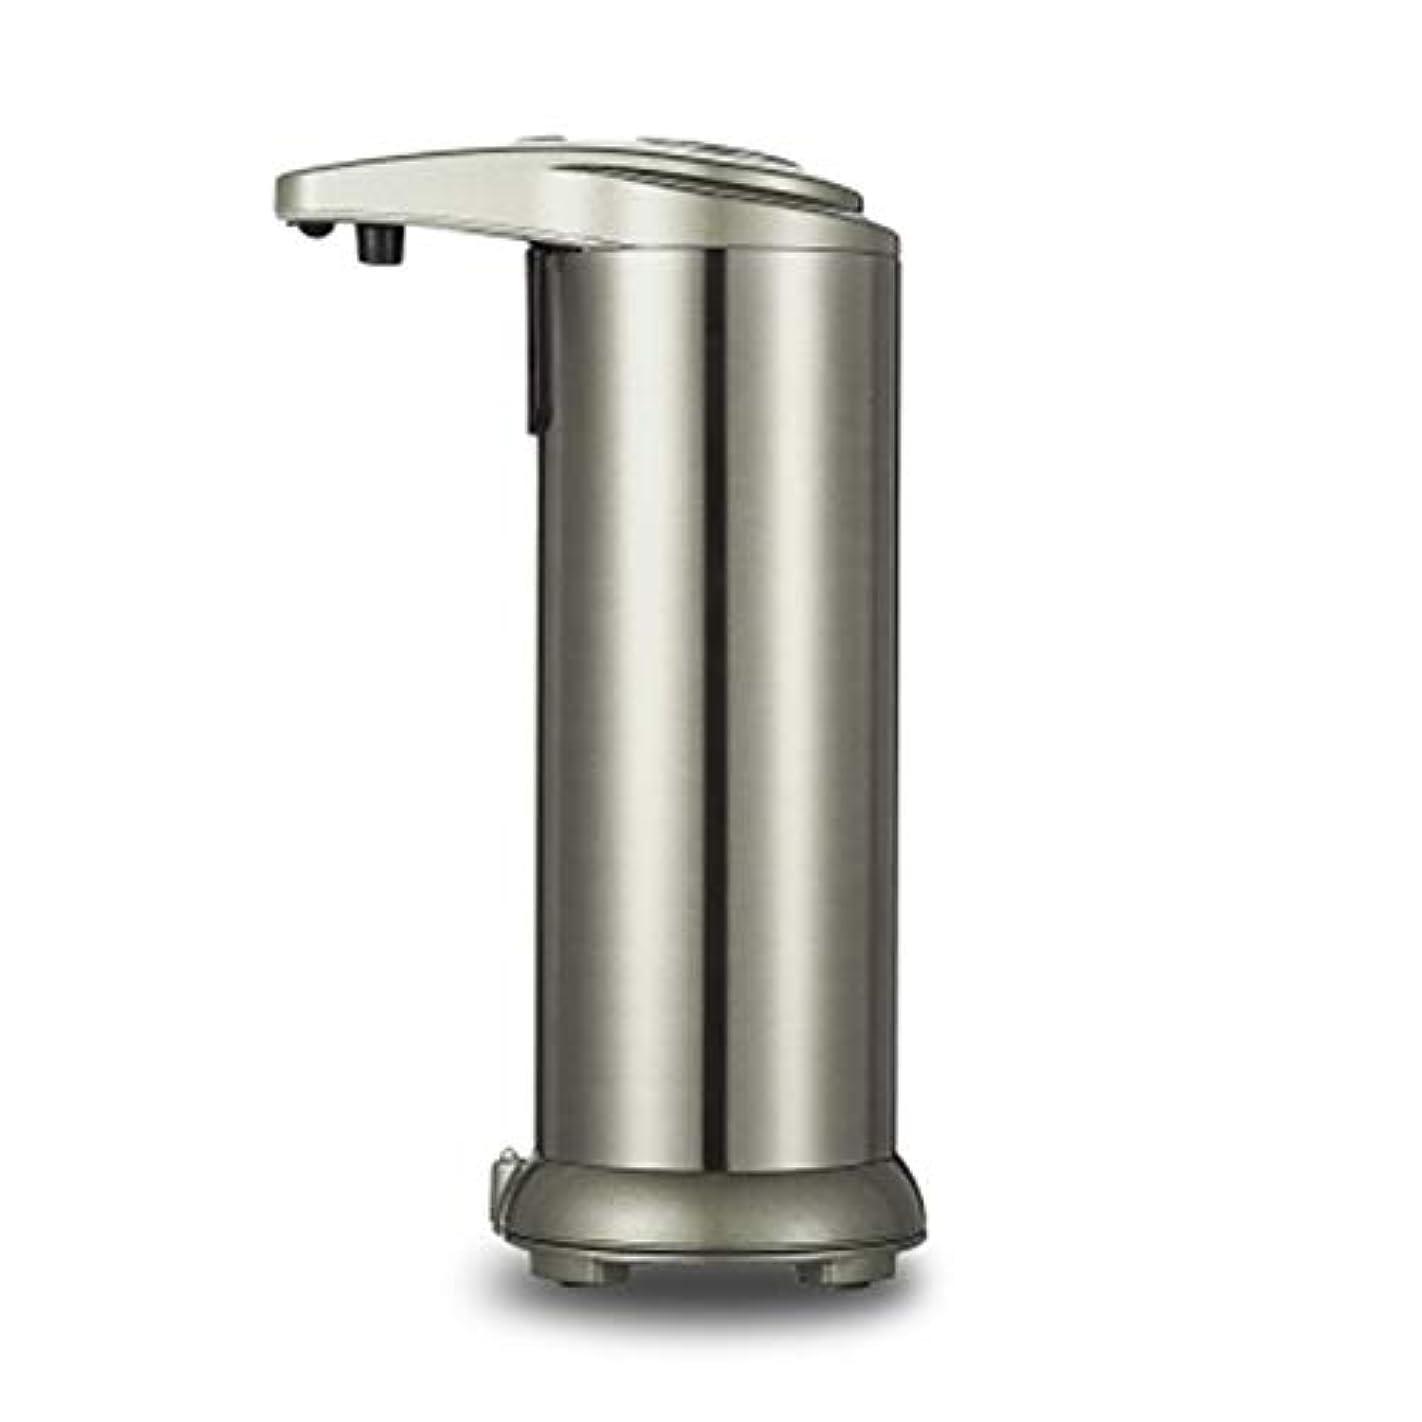 検出液体備品280mlシャワーのステンレス鋼センサーの接触自由な石鹸のシャンプーディスペンサー